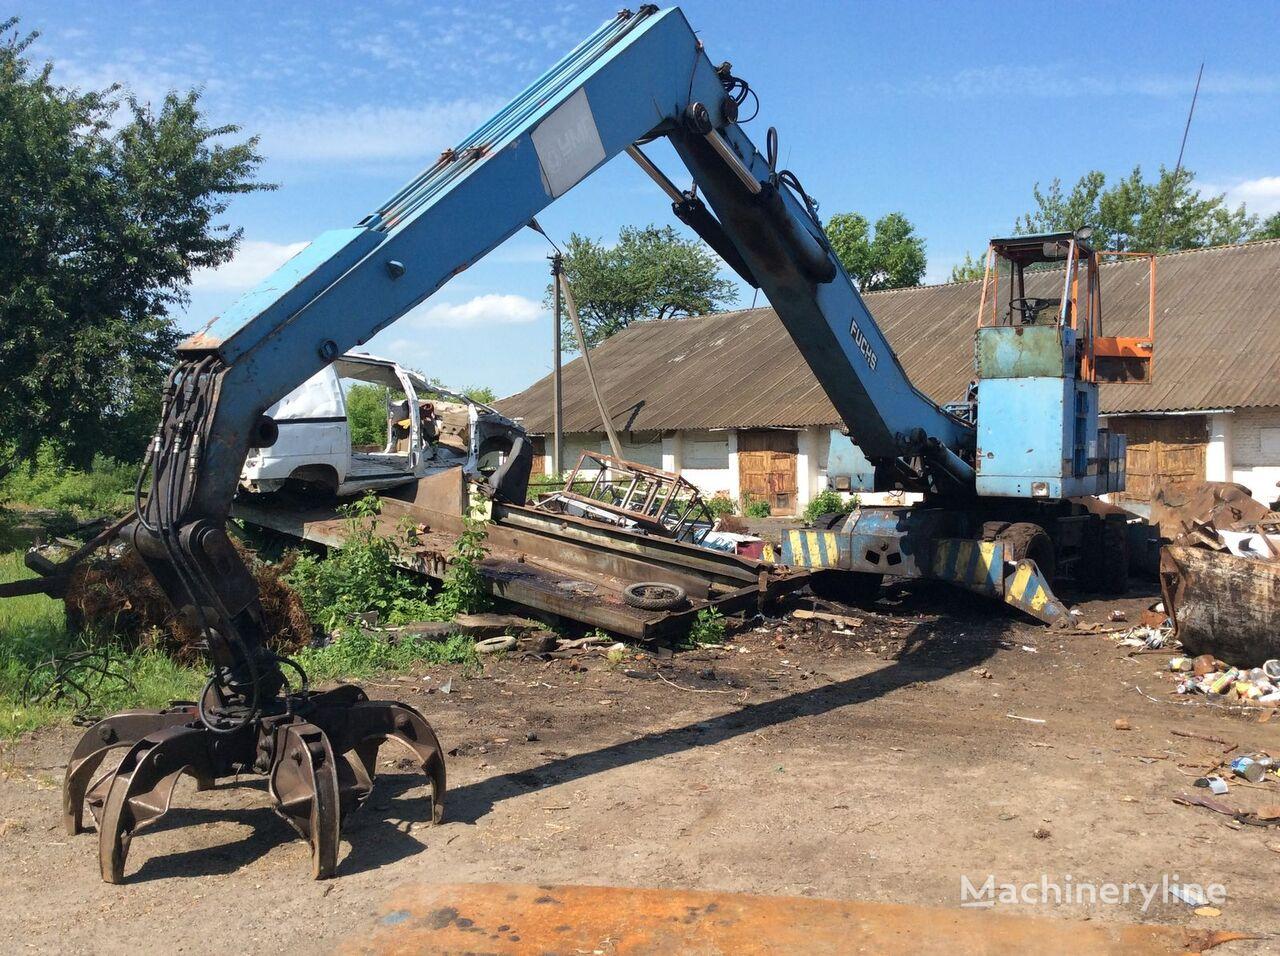 FUCHS 714 MU escavadora de movimentação